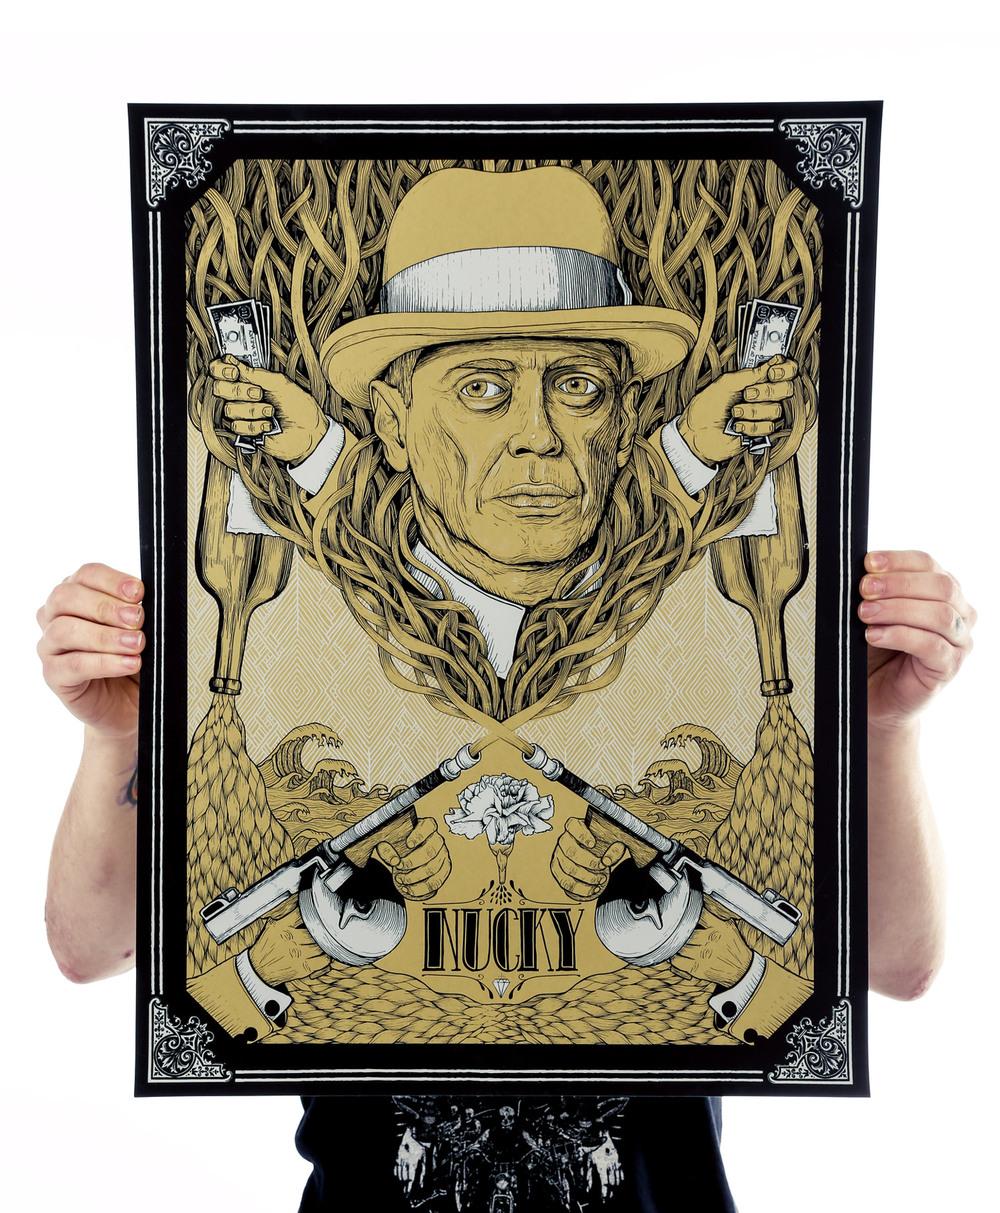 Nucky.jpg